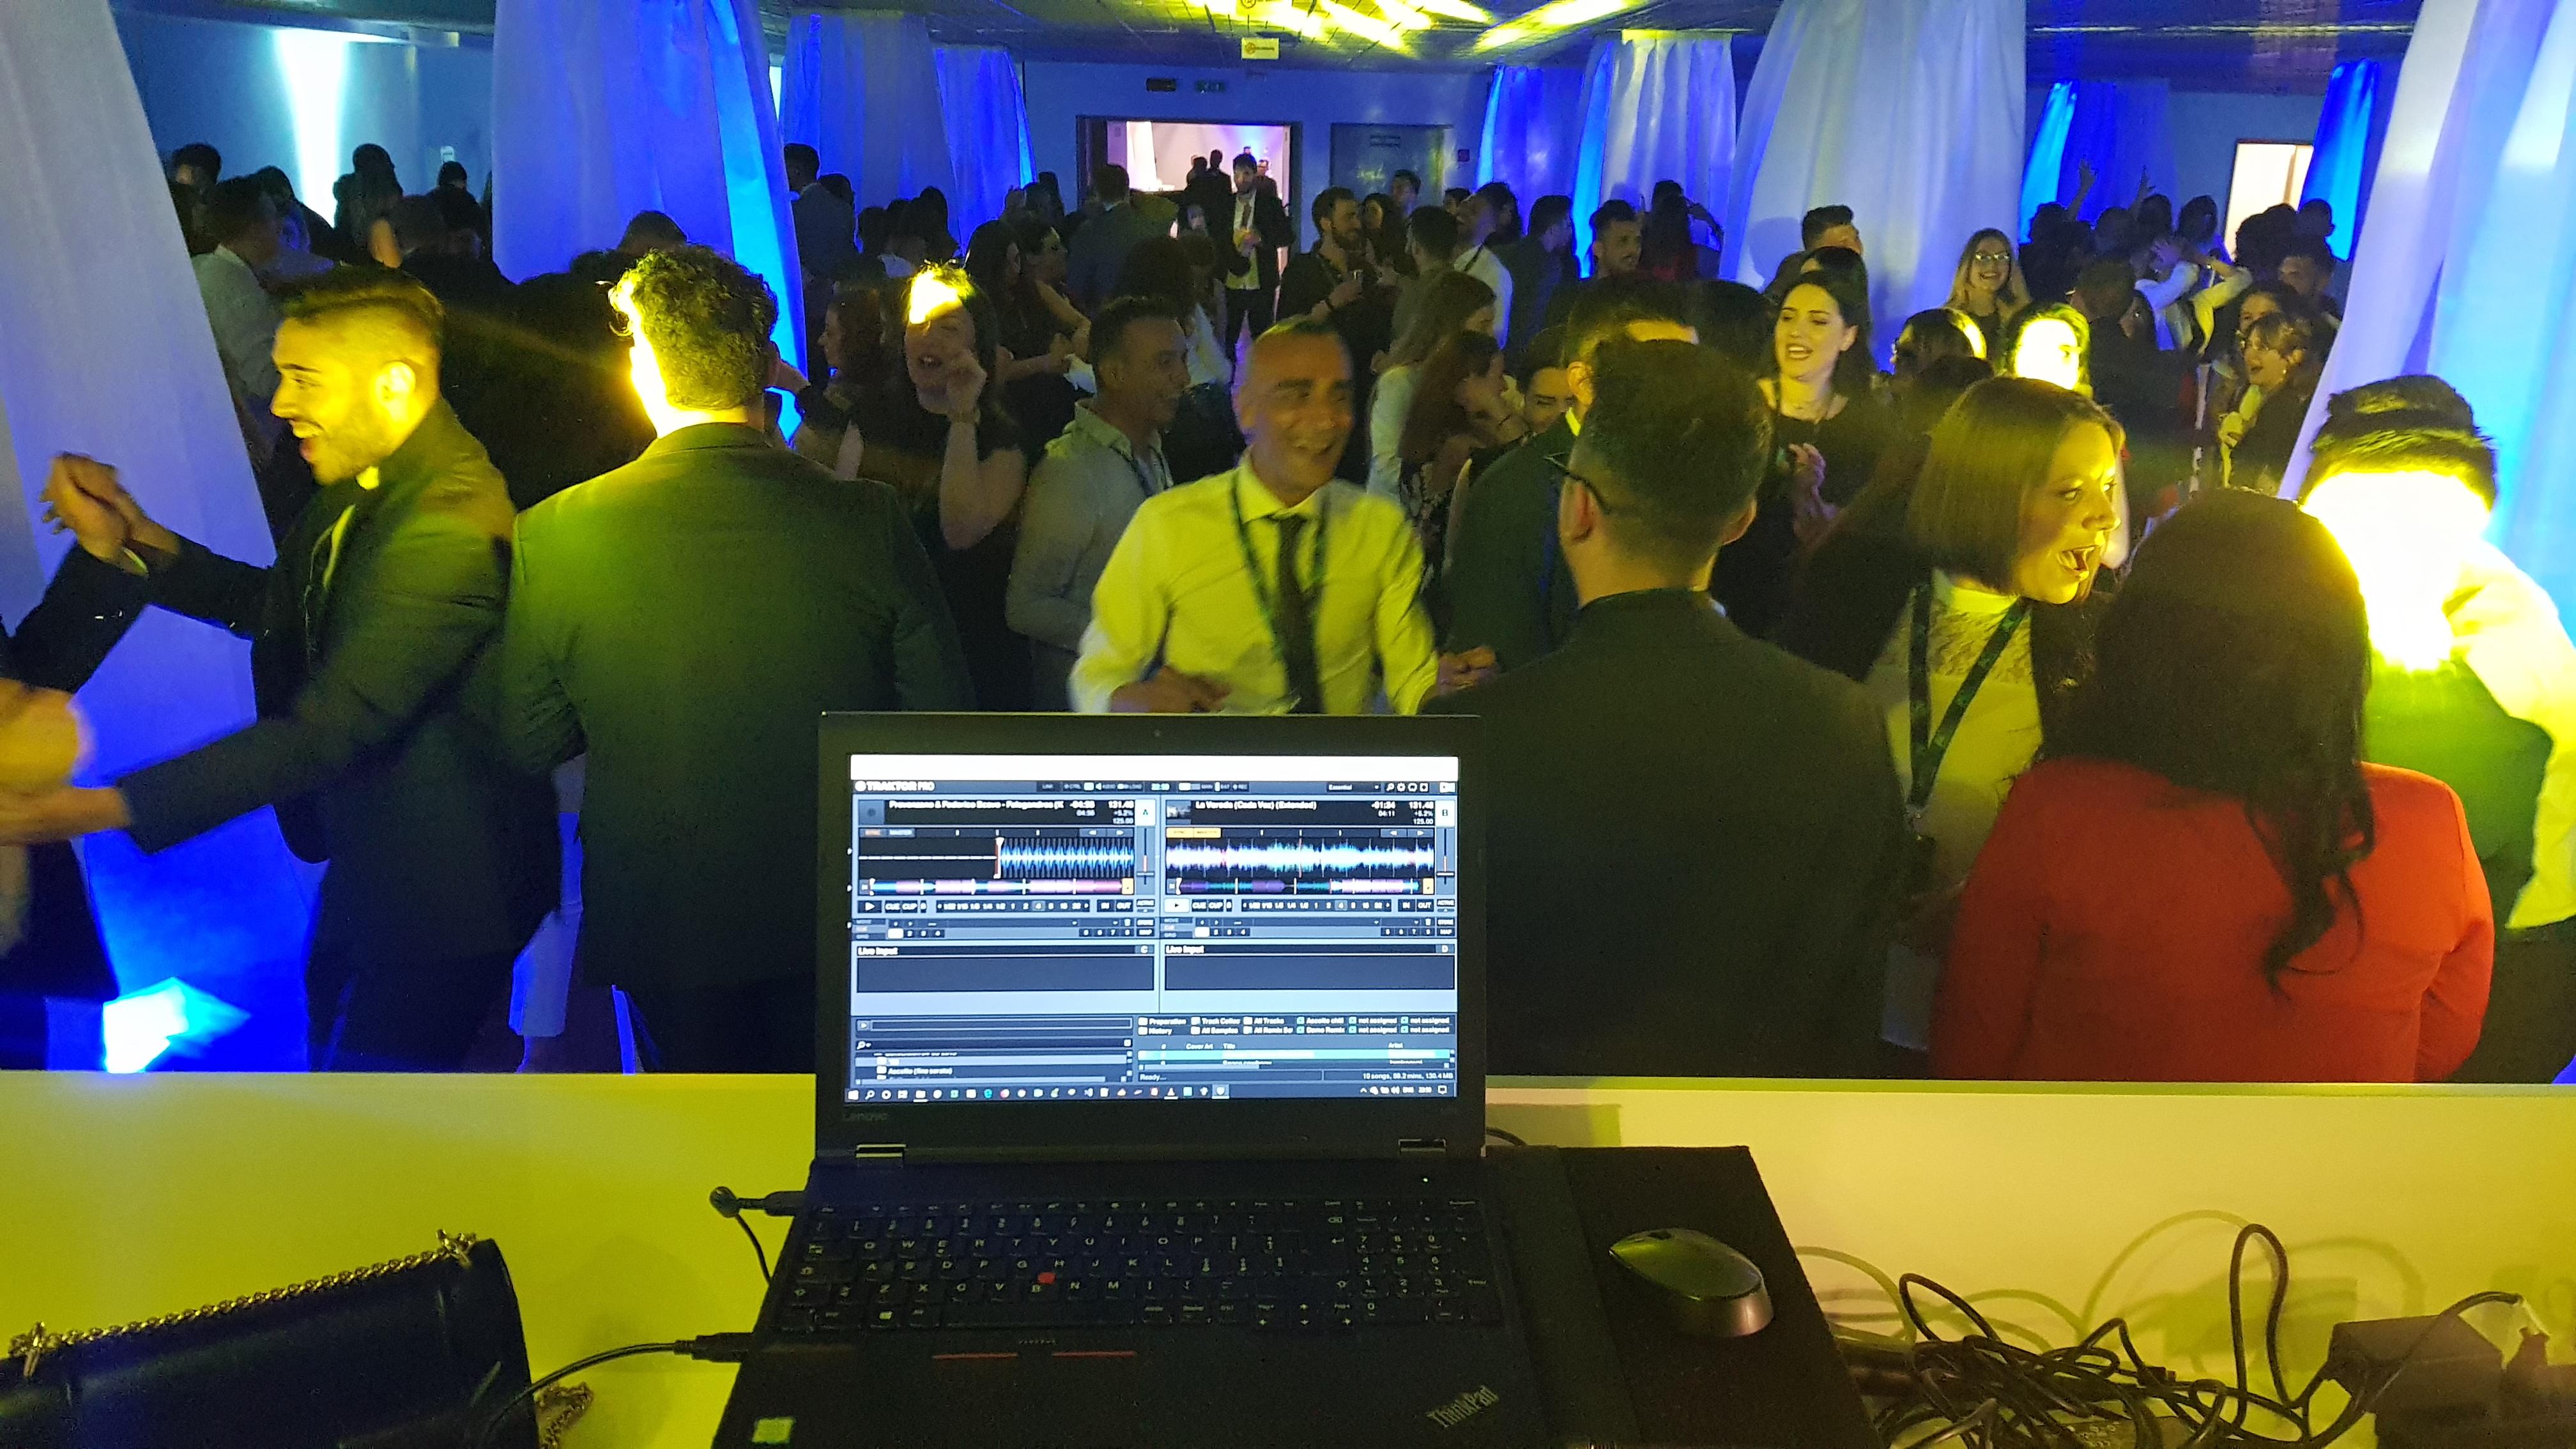 AQR Convention - Auditorium della tecnica - Roma, 4 maggio 2019